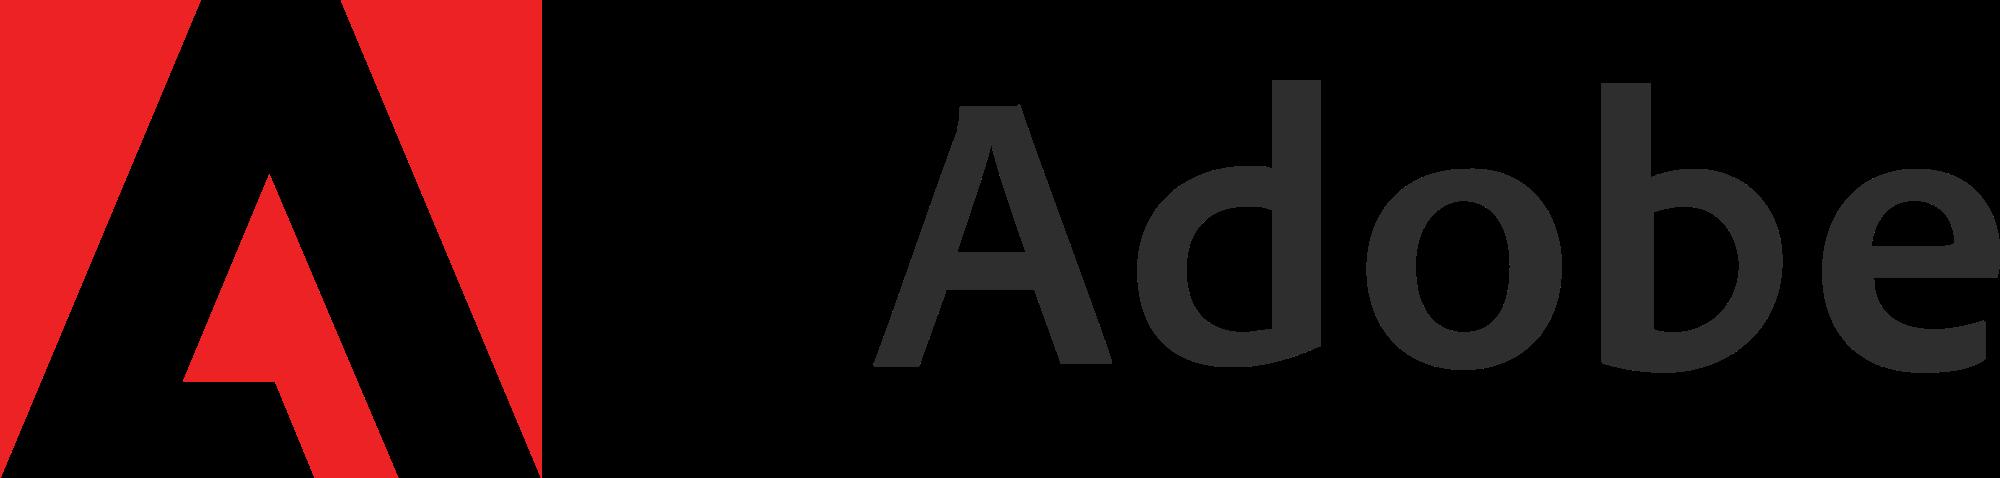 Adobe bei HeinigerAG.ch